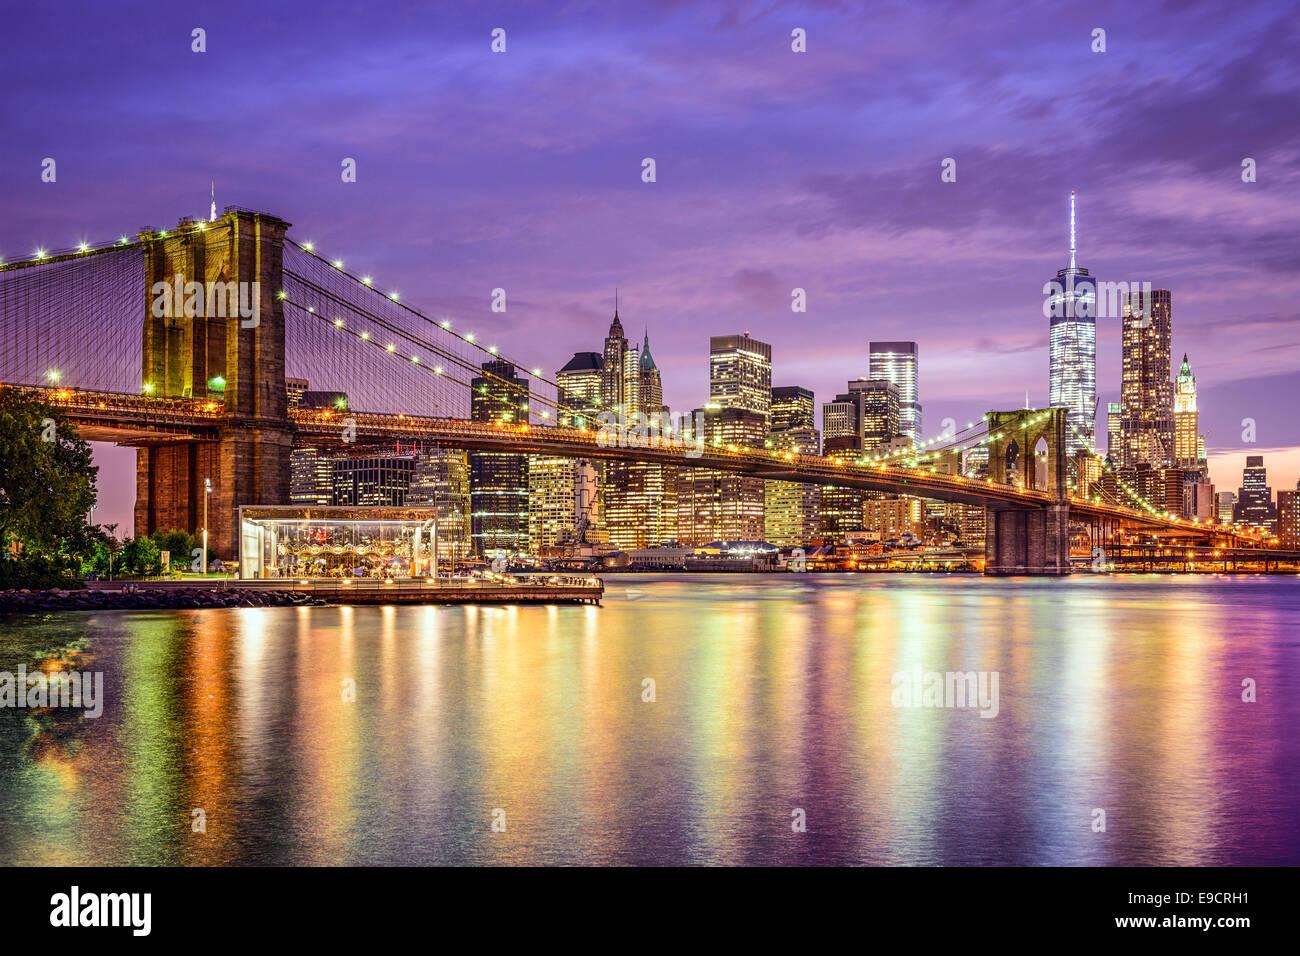 New York, New York, USA ville avec le Pont de Brooklyn et Manhattan quartier financier au cours de l'East River. Photo Stock